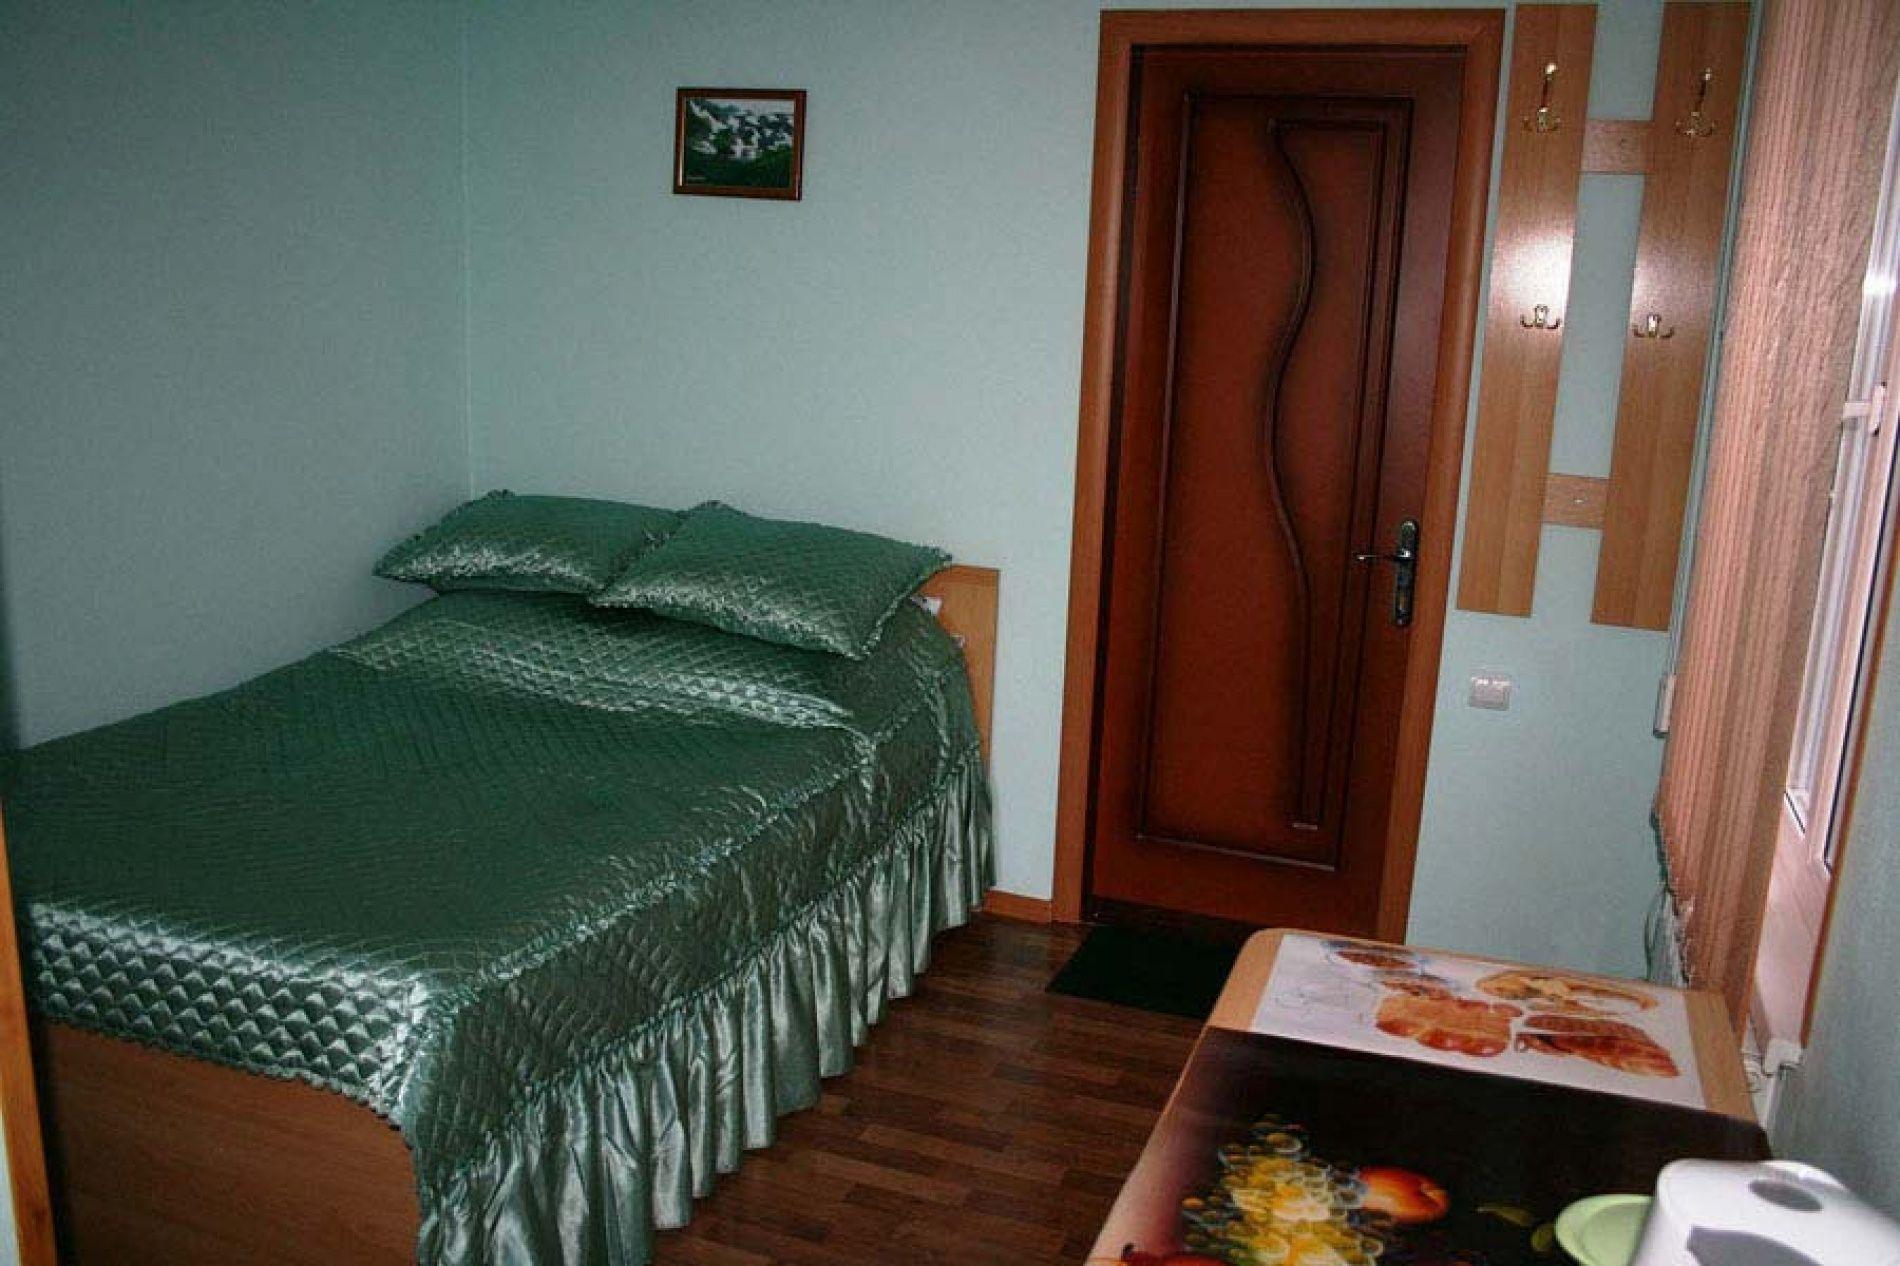 Турбаза «Комбат» Карачаево-Черкесская Республика Номер 2-местный в гостиничном коттедже, фото 1